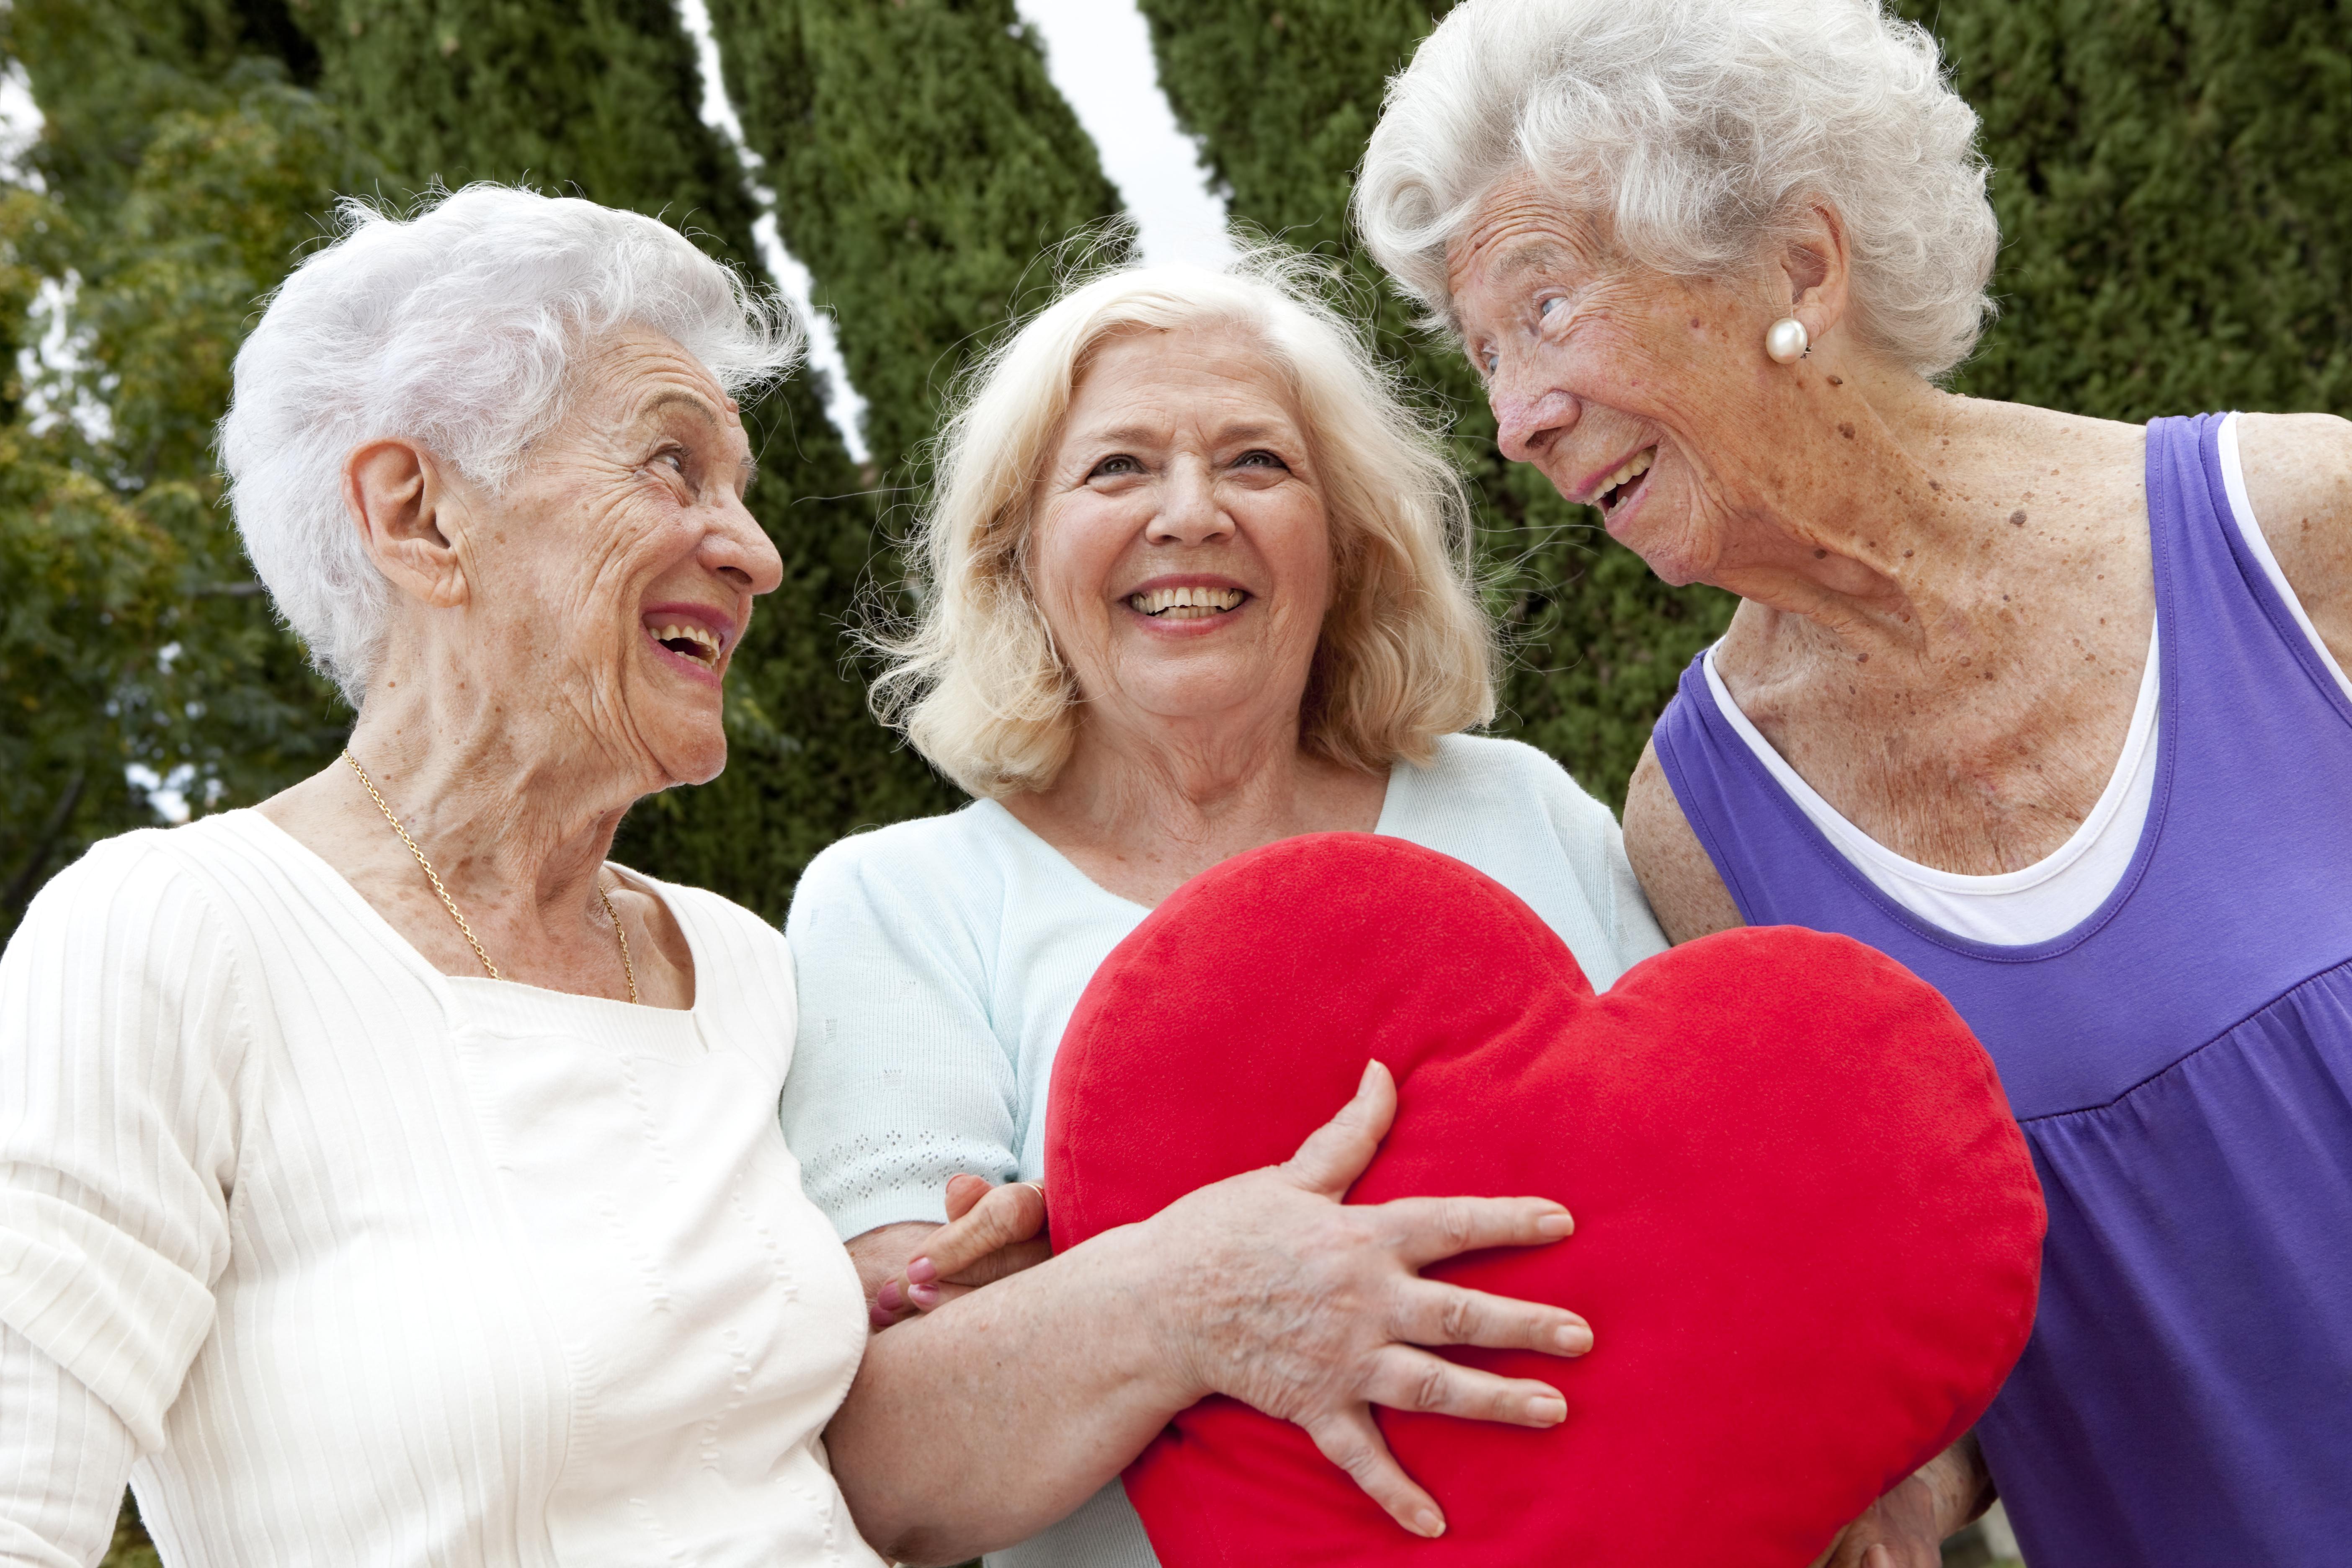 companion care services